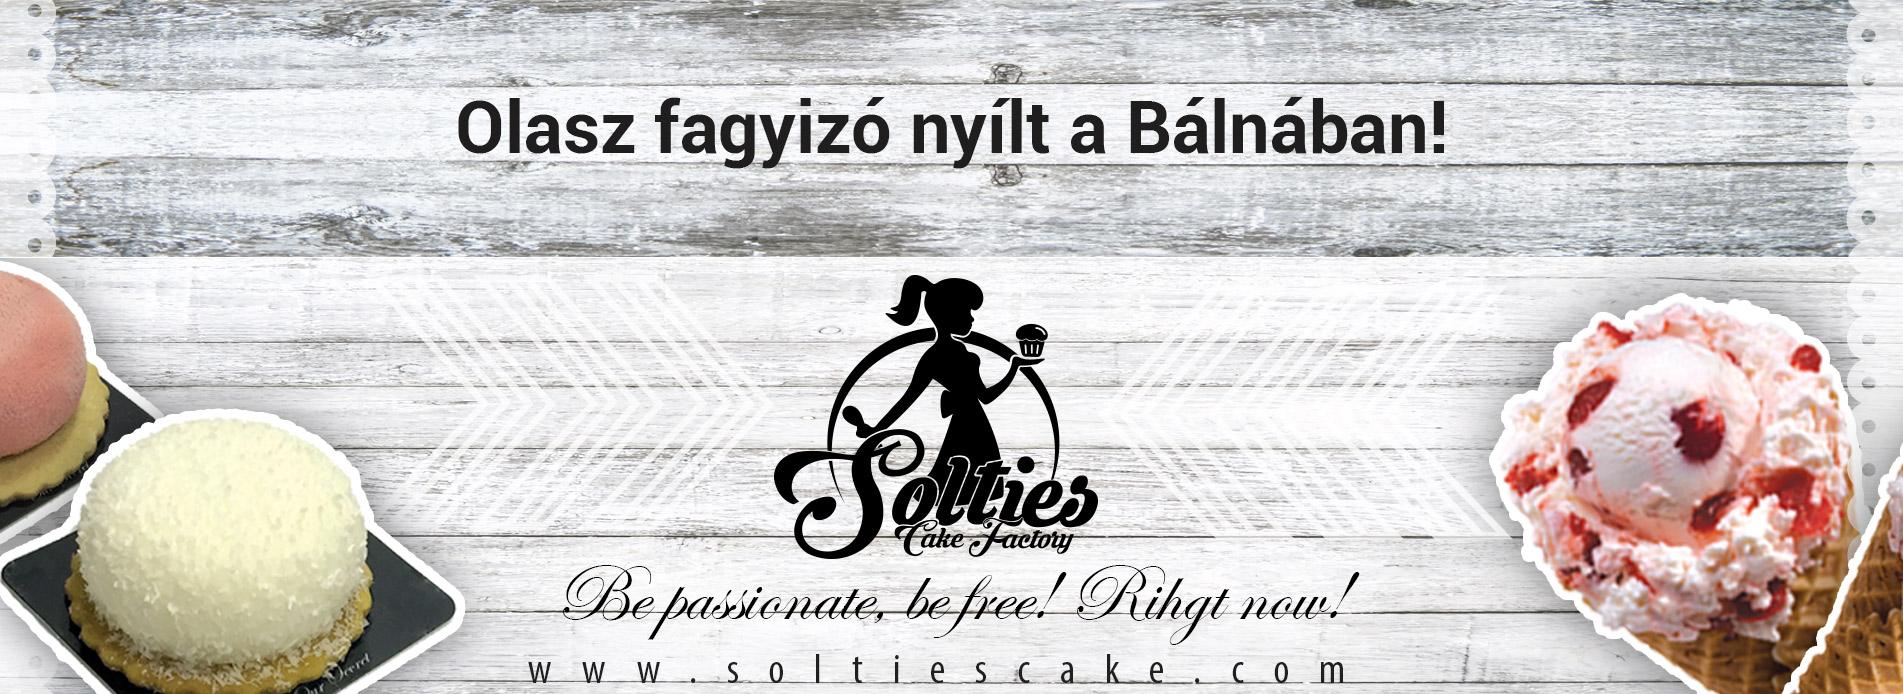 balna_slide-fagyizo